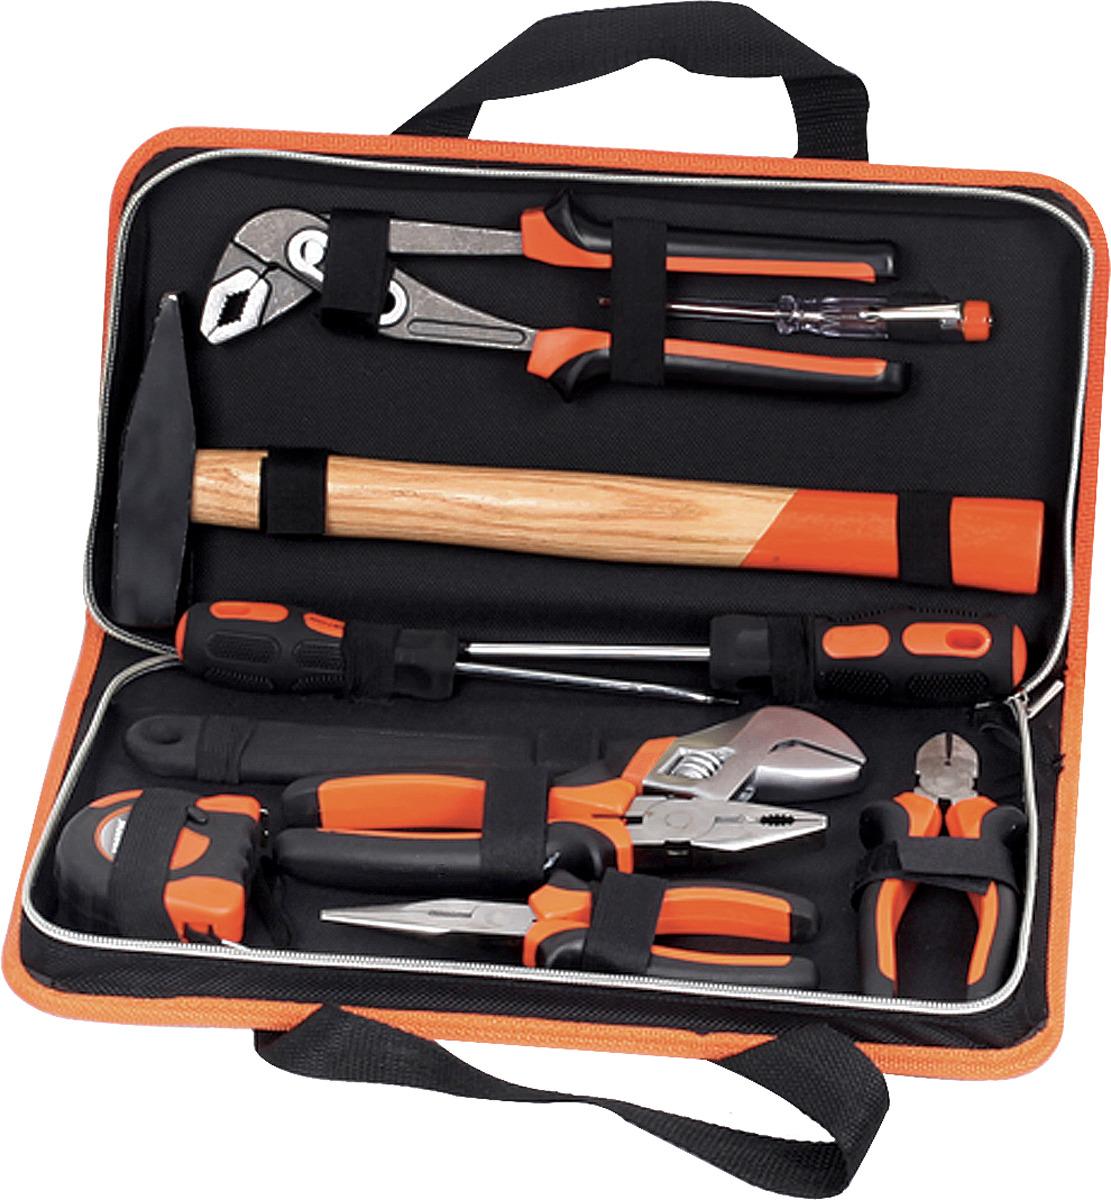 Набор слесарного инструмента Кратон ST-06/10 набор инструмента partner pa 4099